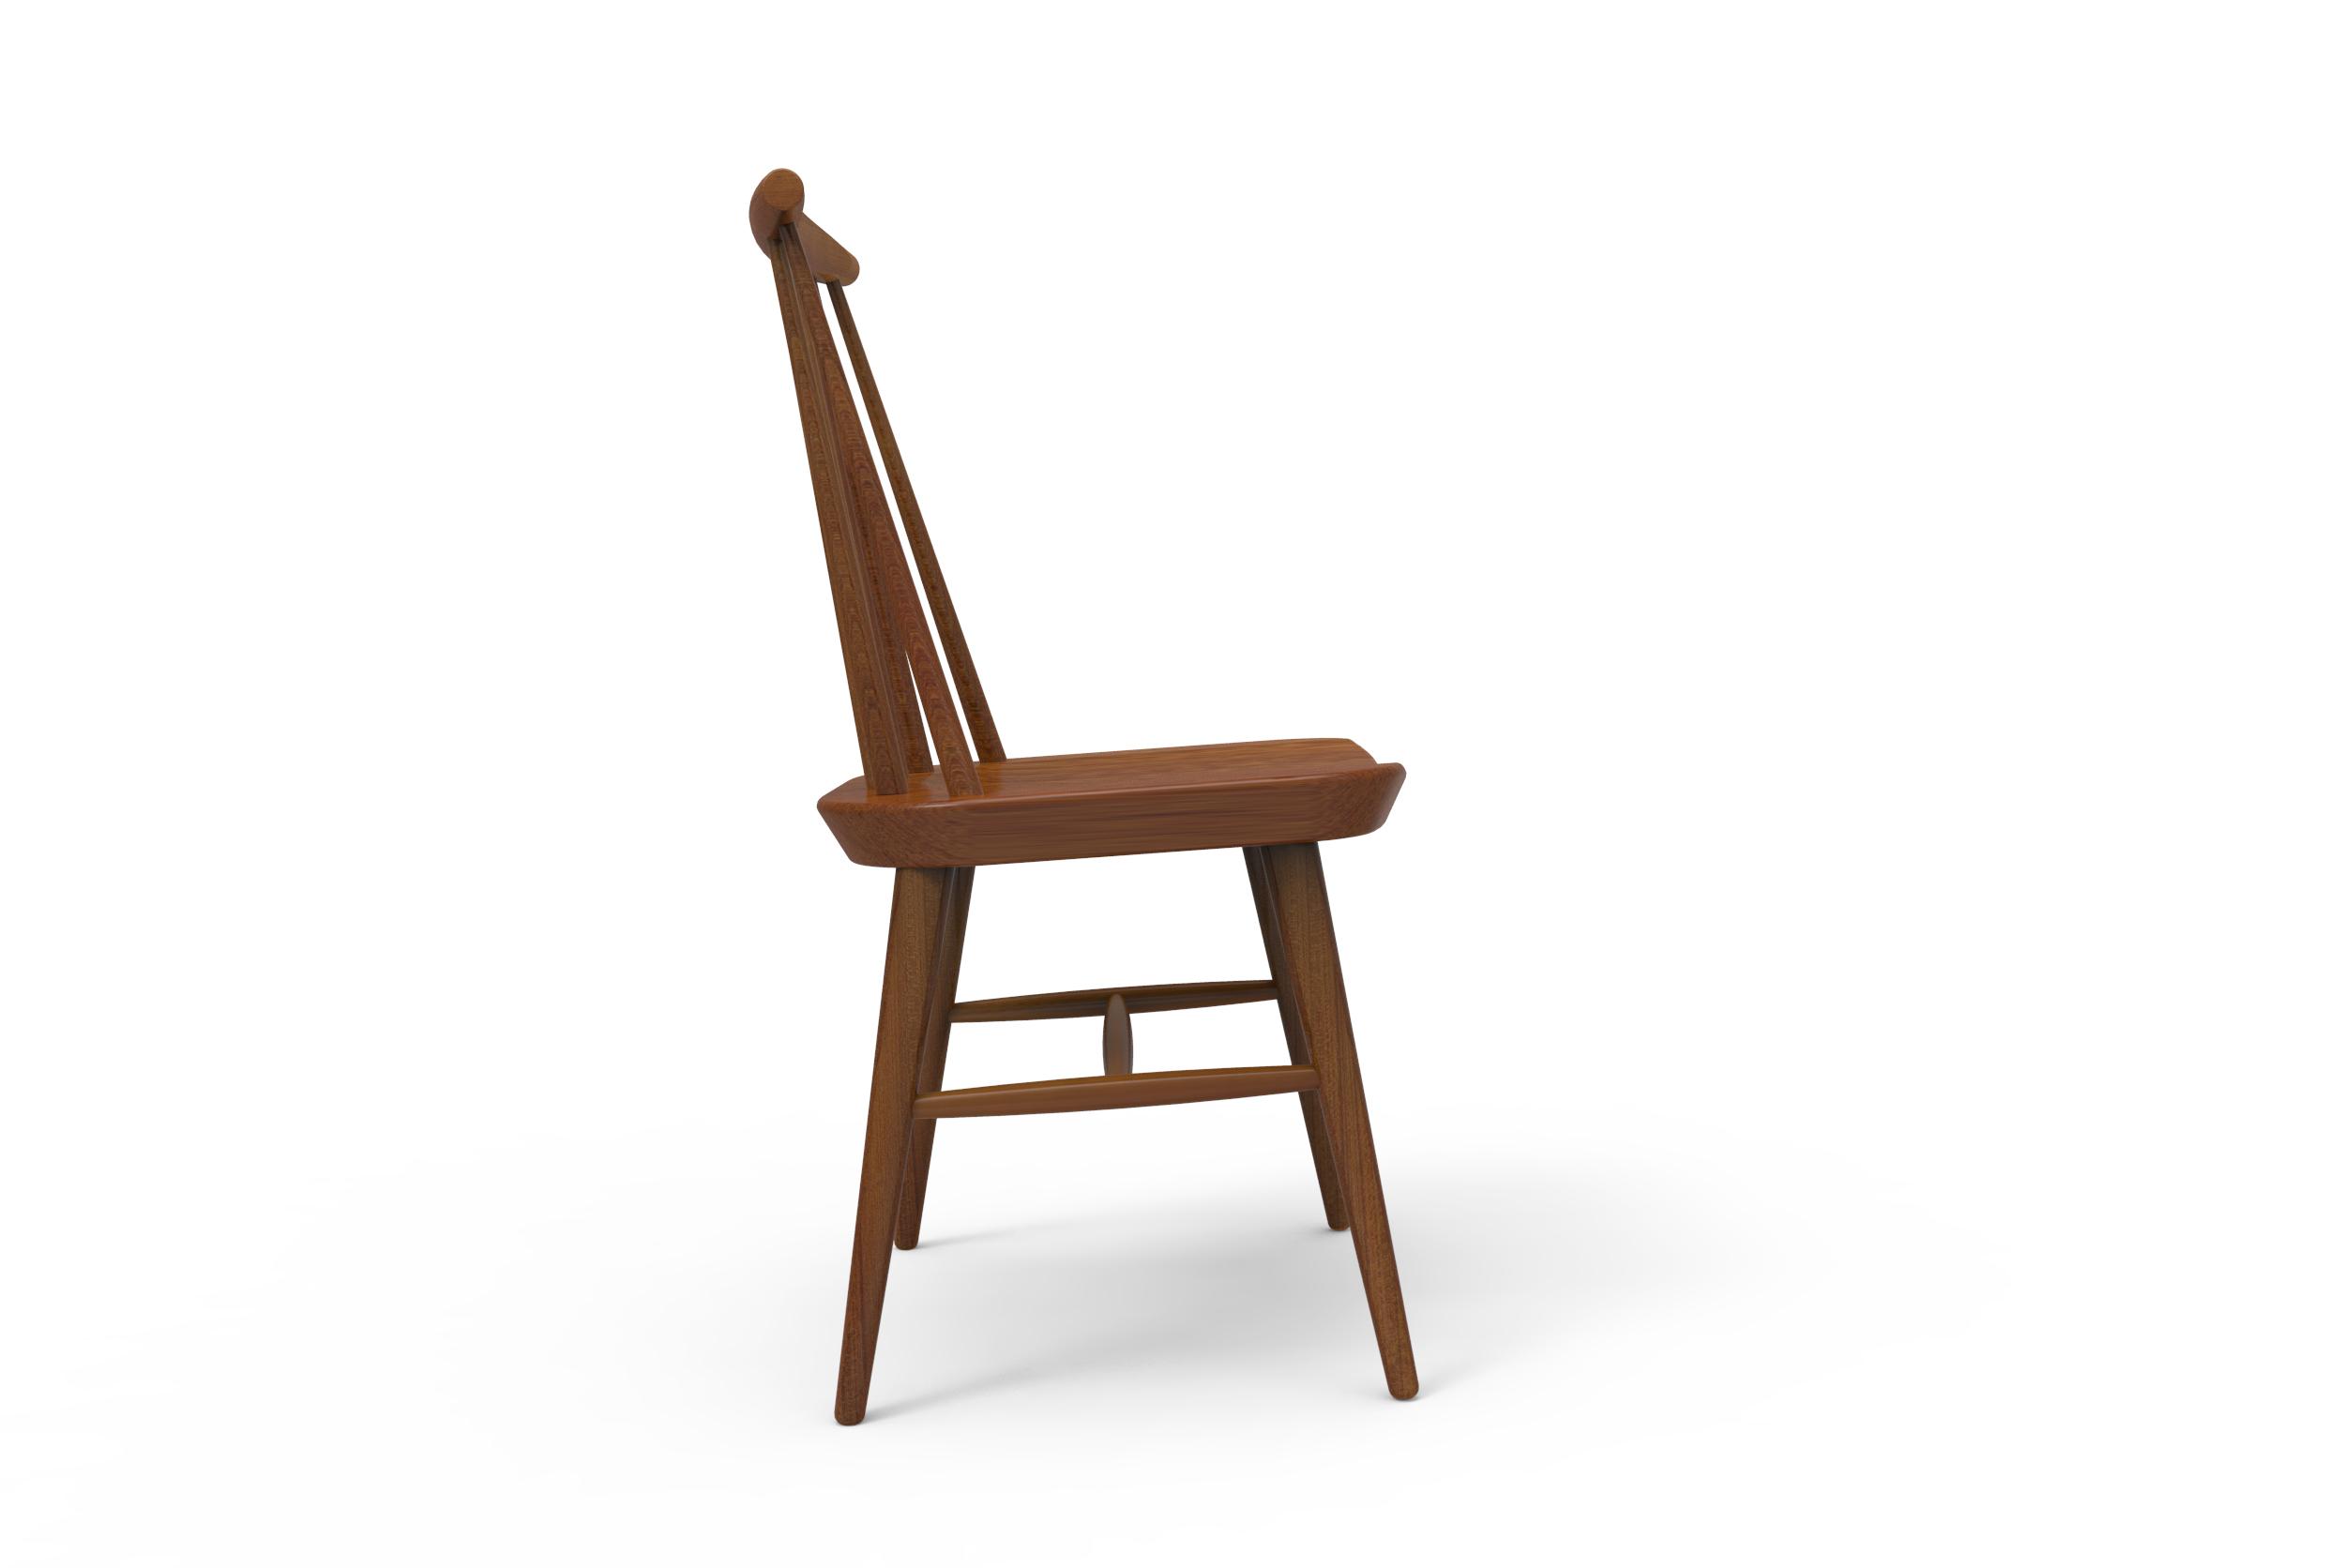 Yespo_Chair_Design_Rendering_4.jpg